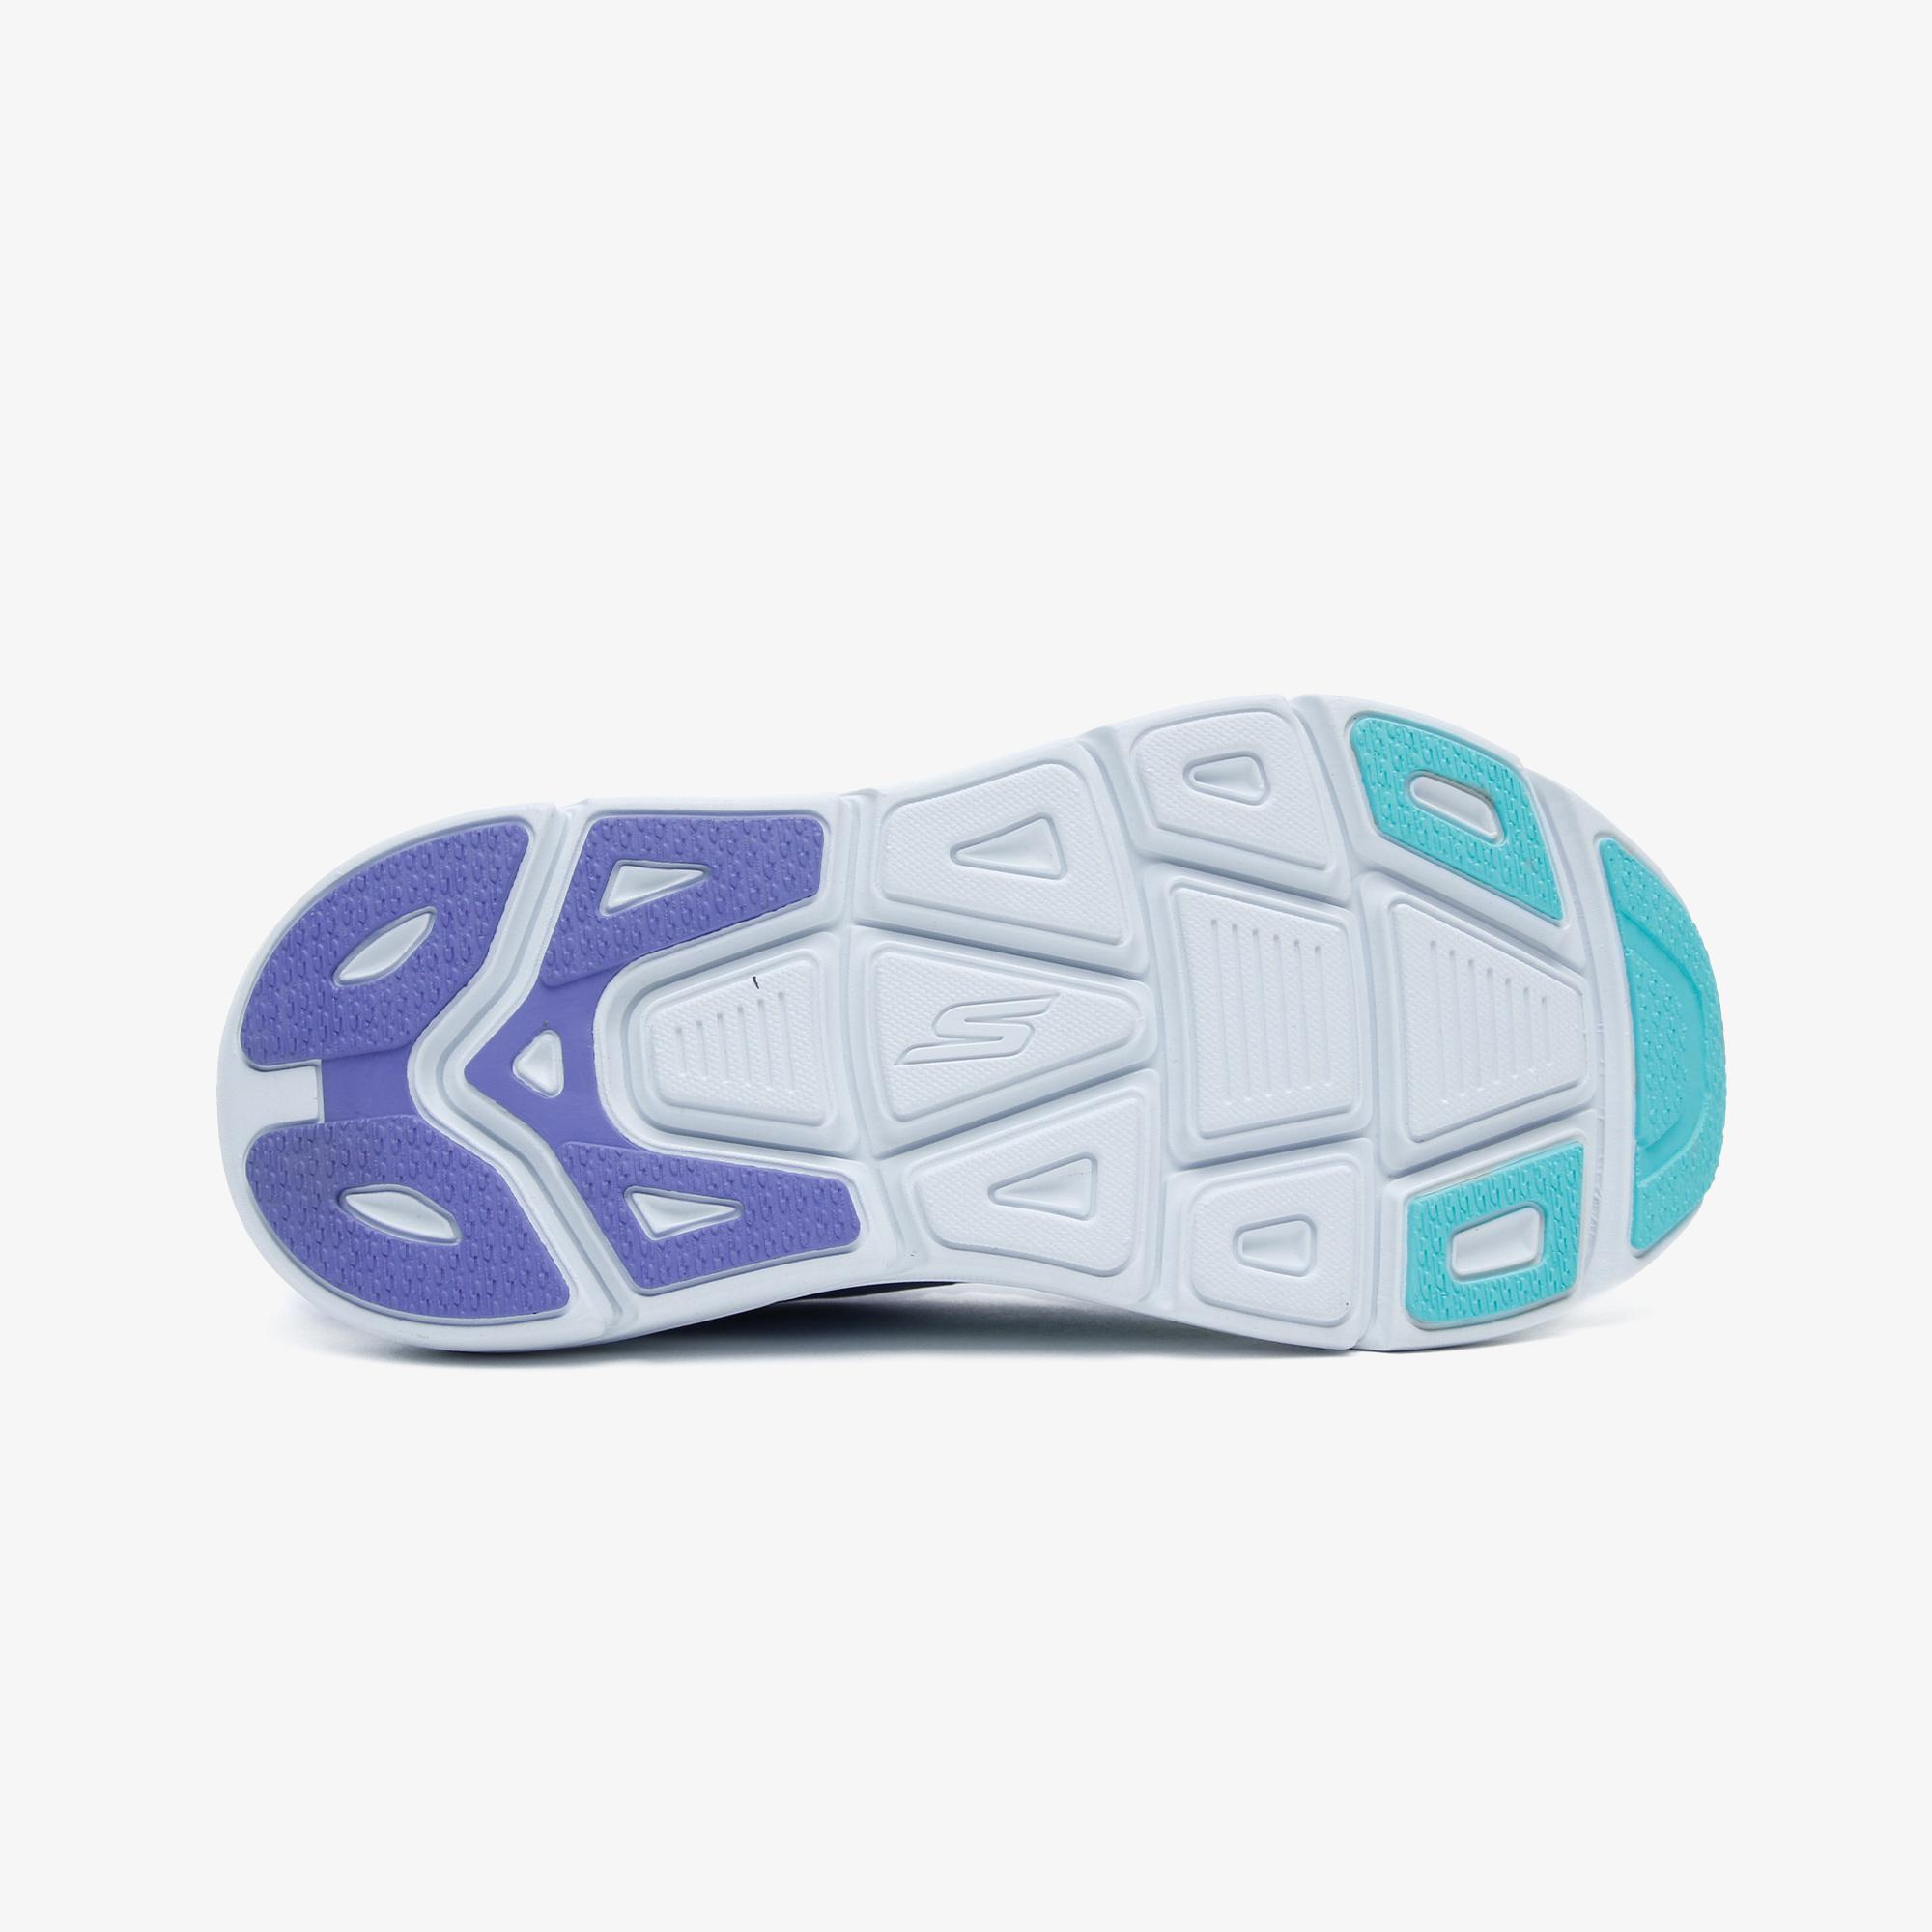 Skechers Max Cushioning Premier-Expres Kadın Lacivert Spor Ayakkabı